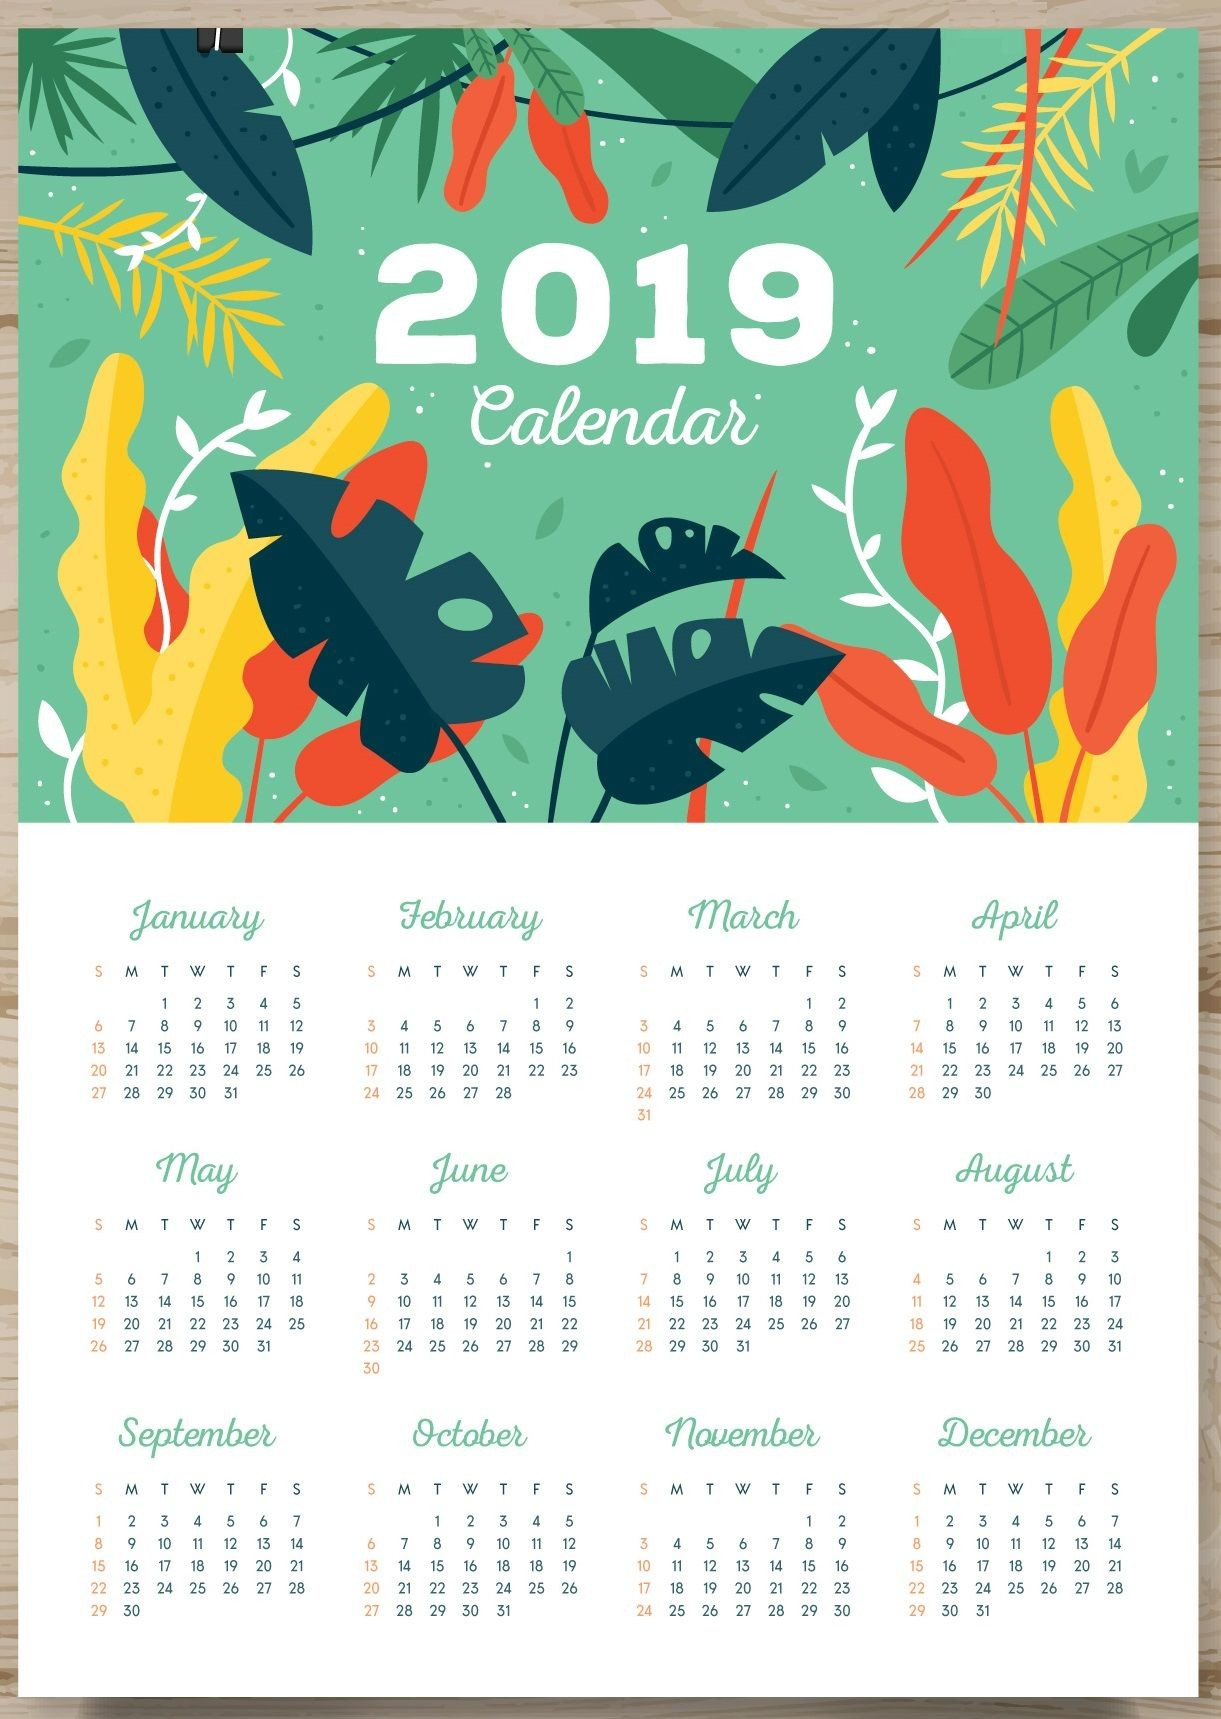 Imprimir Calendario 2019 Madrid Más Caliente Claudin Juso Cjuso En Pinterest Of Imprimir Calendario 2019 Madrid Más Populares Crear De Boda Gratis Para Imprimir Para El Da De La Boda with Crear